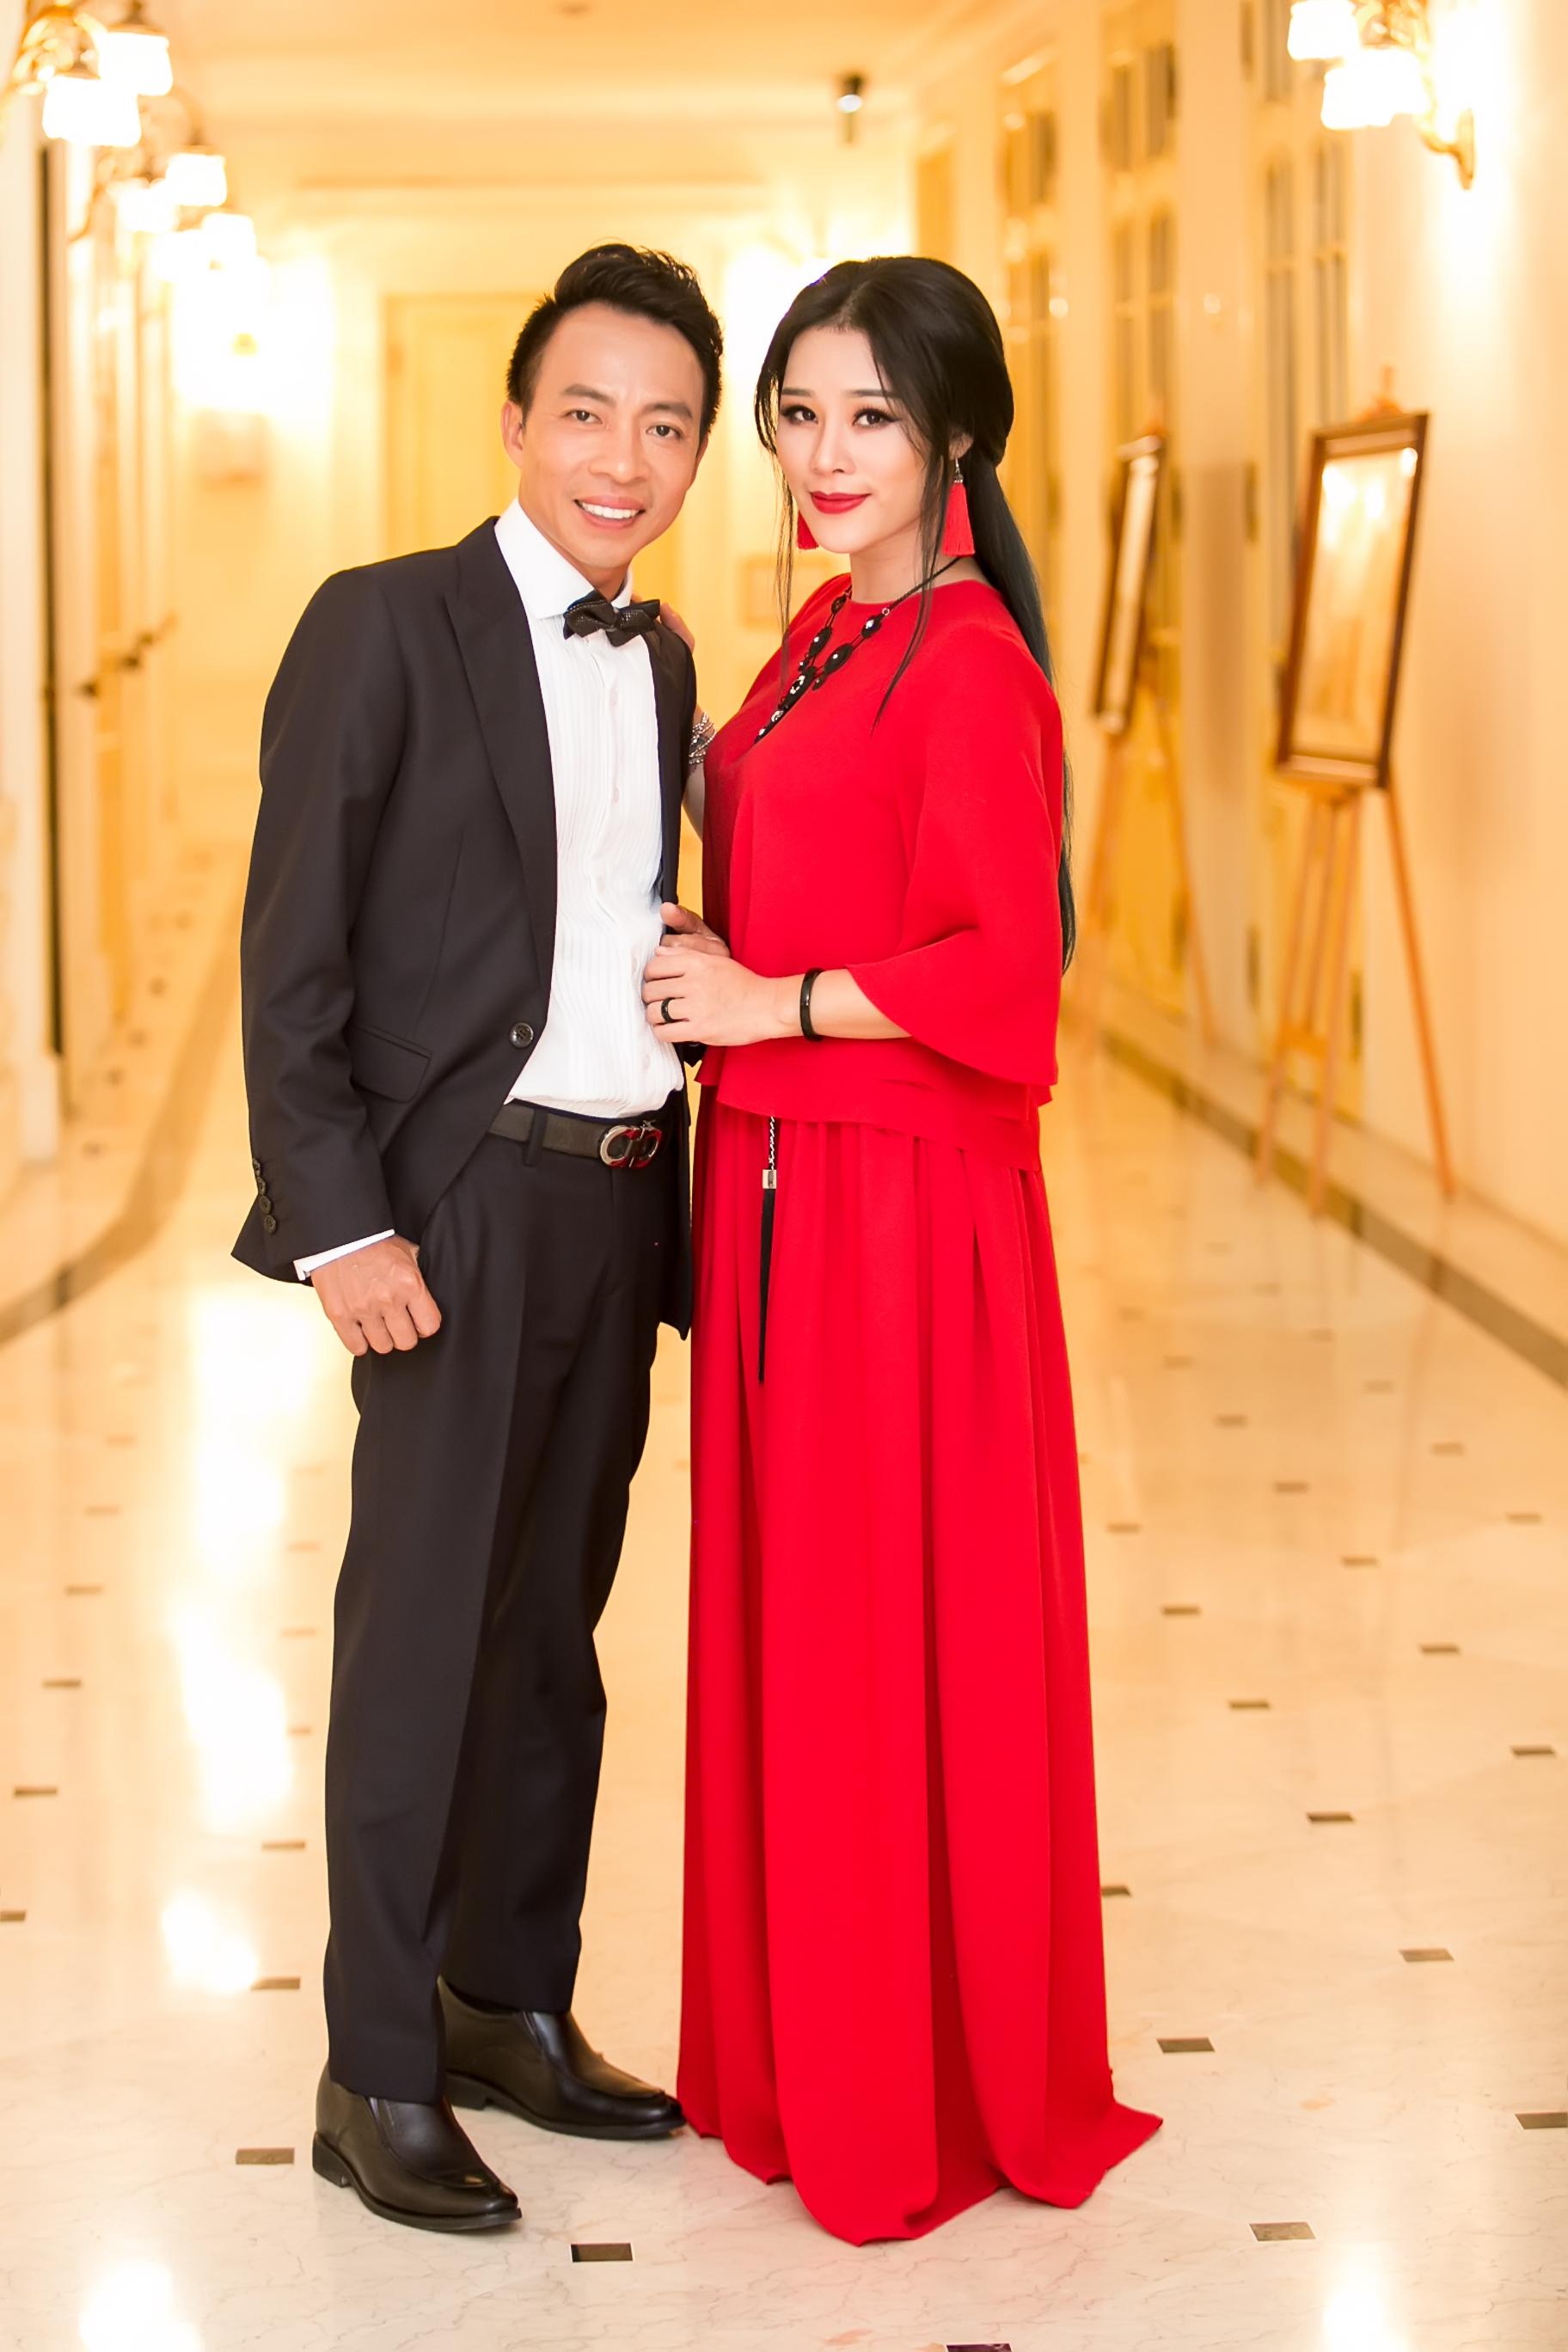 Vợ kém 18 tuổi của ca sĩ Việt Hoàn từng vỡ mộng đòi ly dị chồng - Ảnh 1.